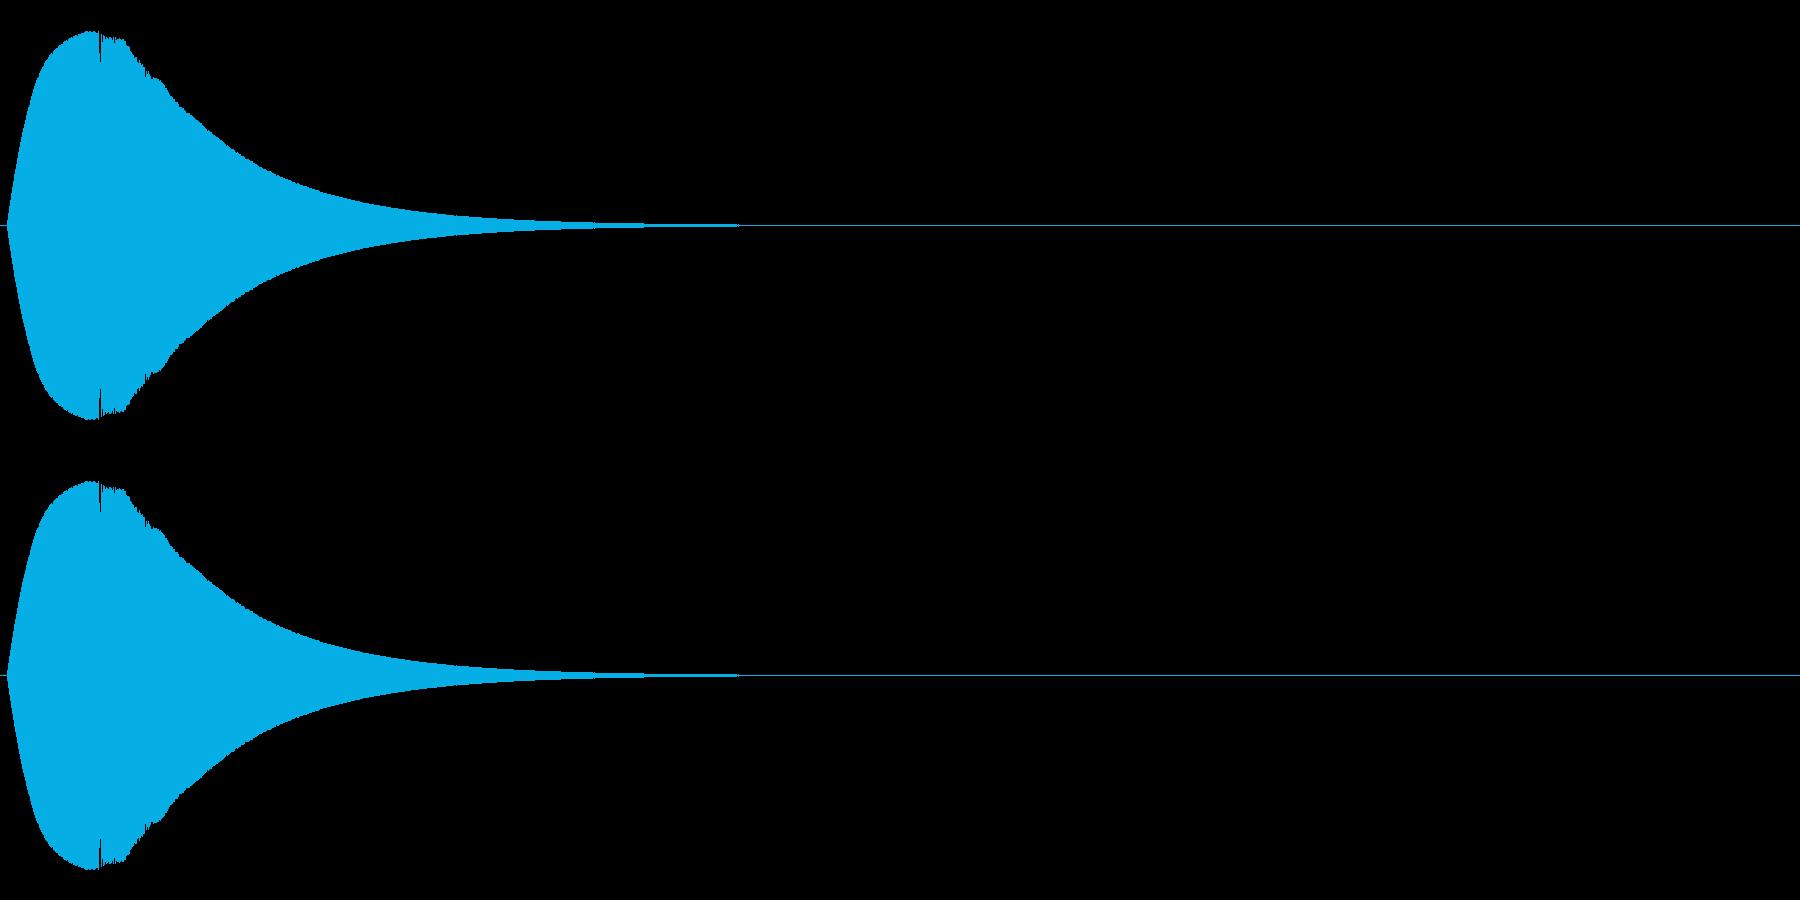 ポロン(電子音)の再生済みの波形